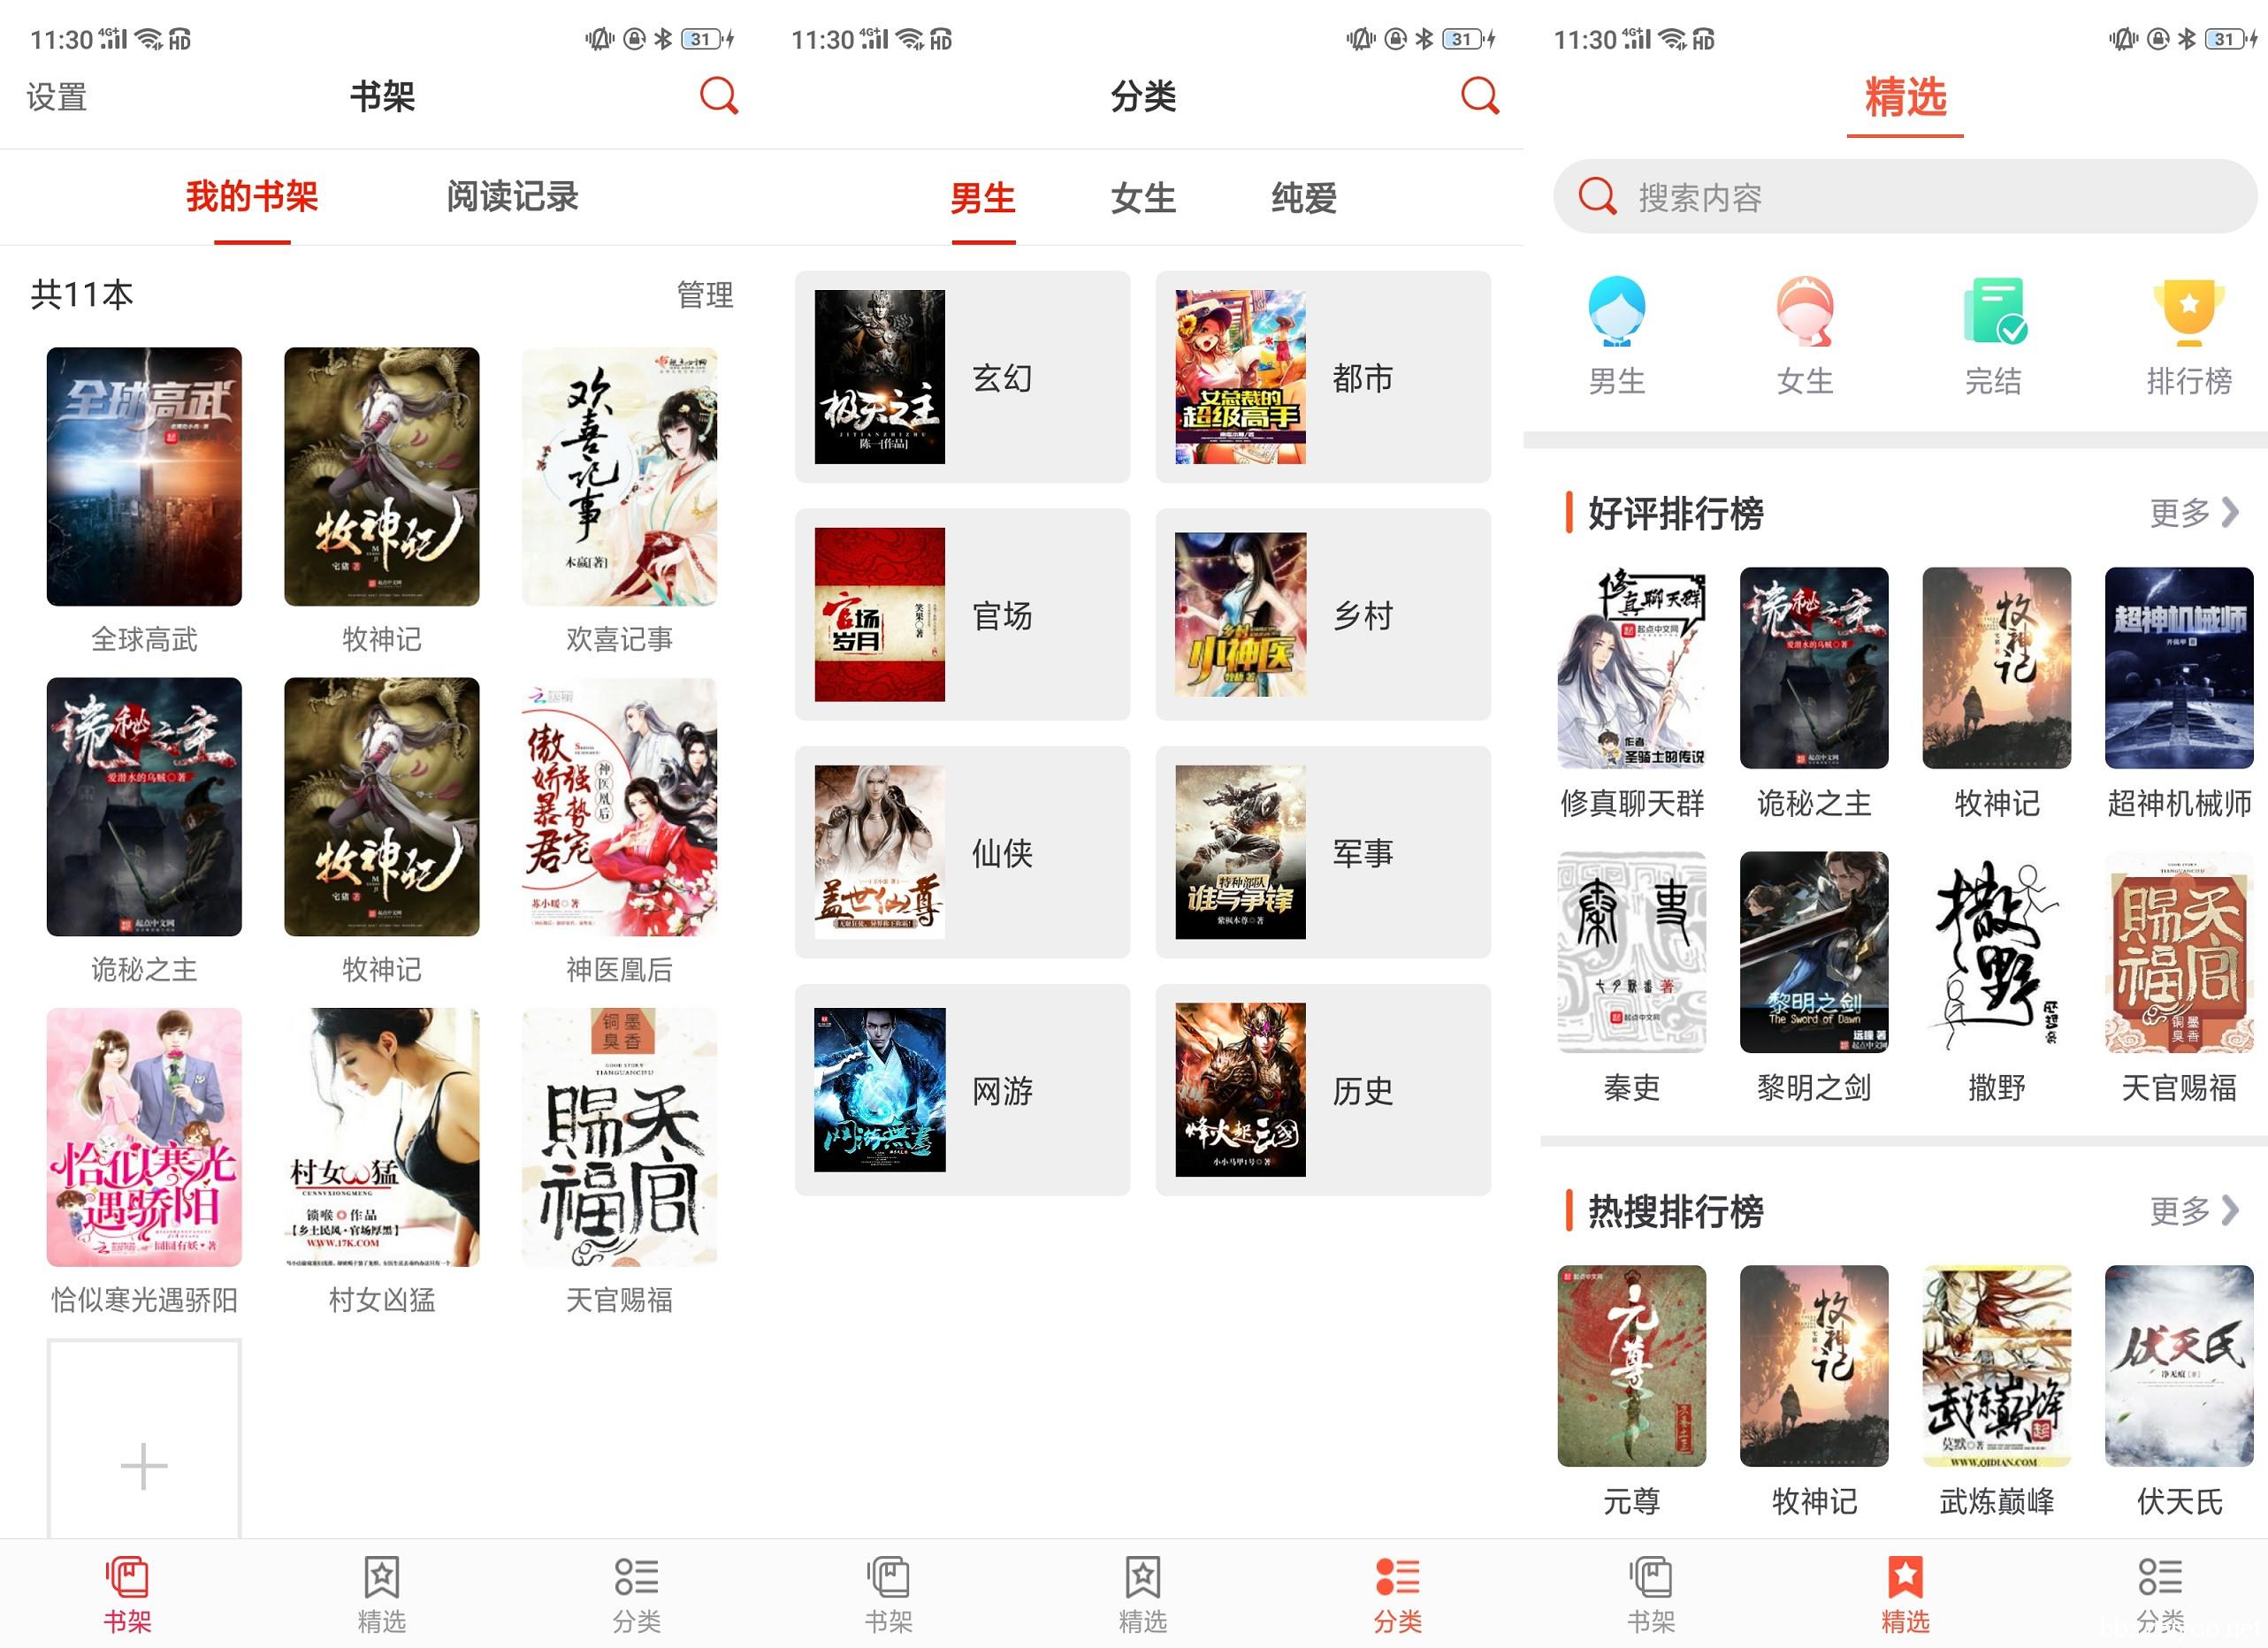 小说淘淘v1.0.18无广告版 清爽阅读小说 书源超多